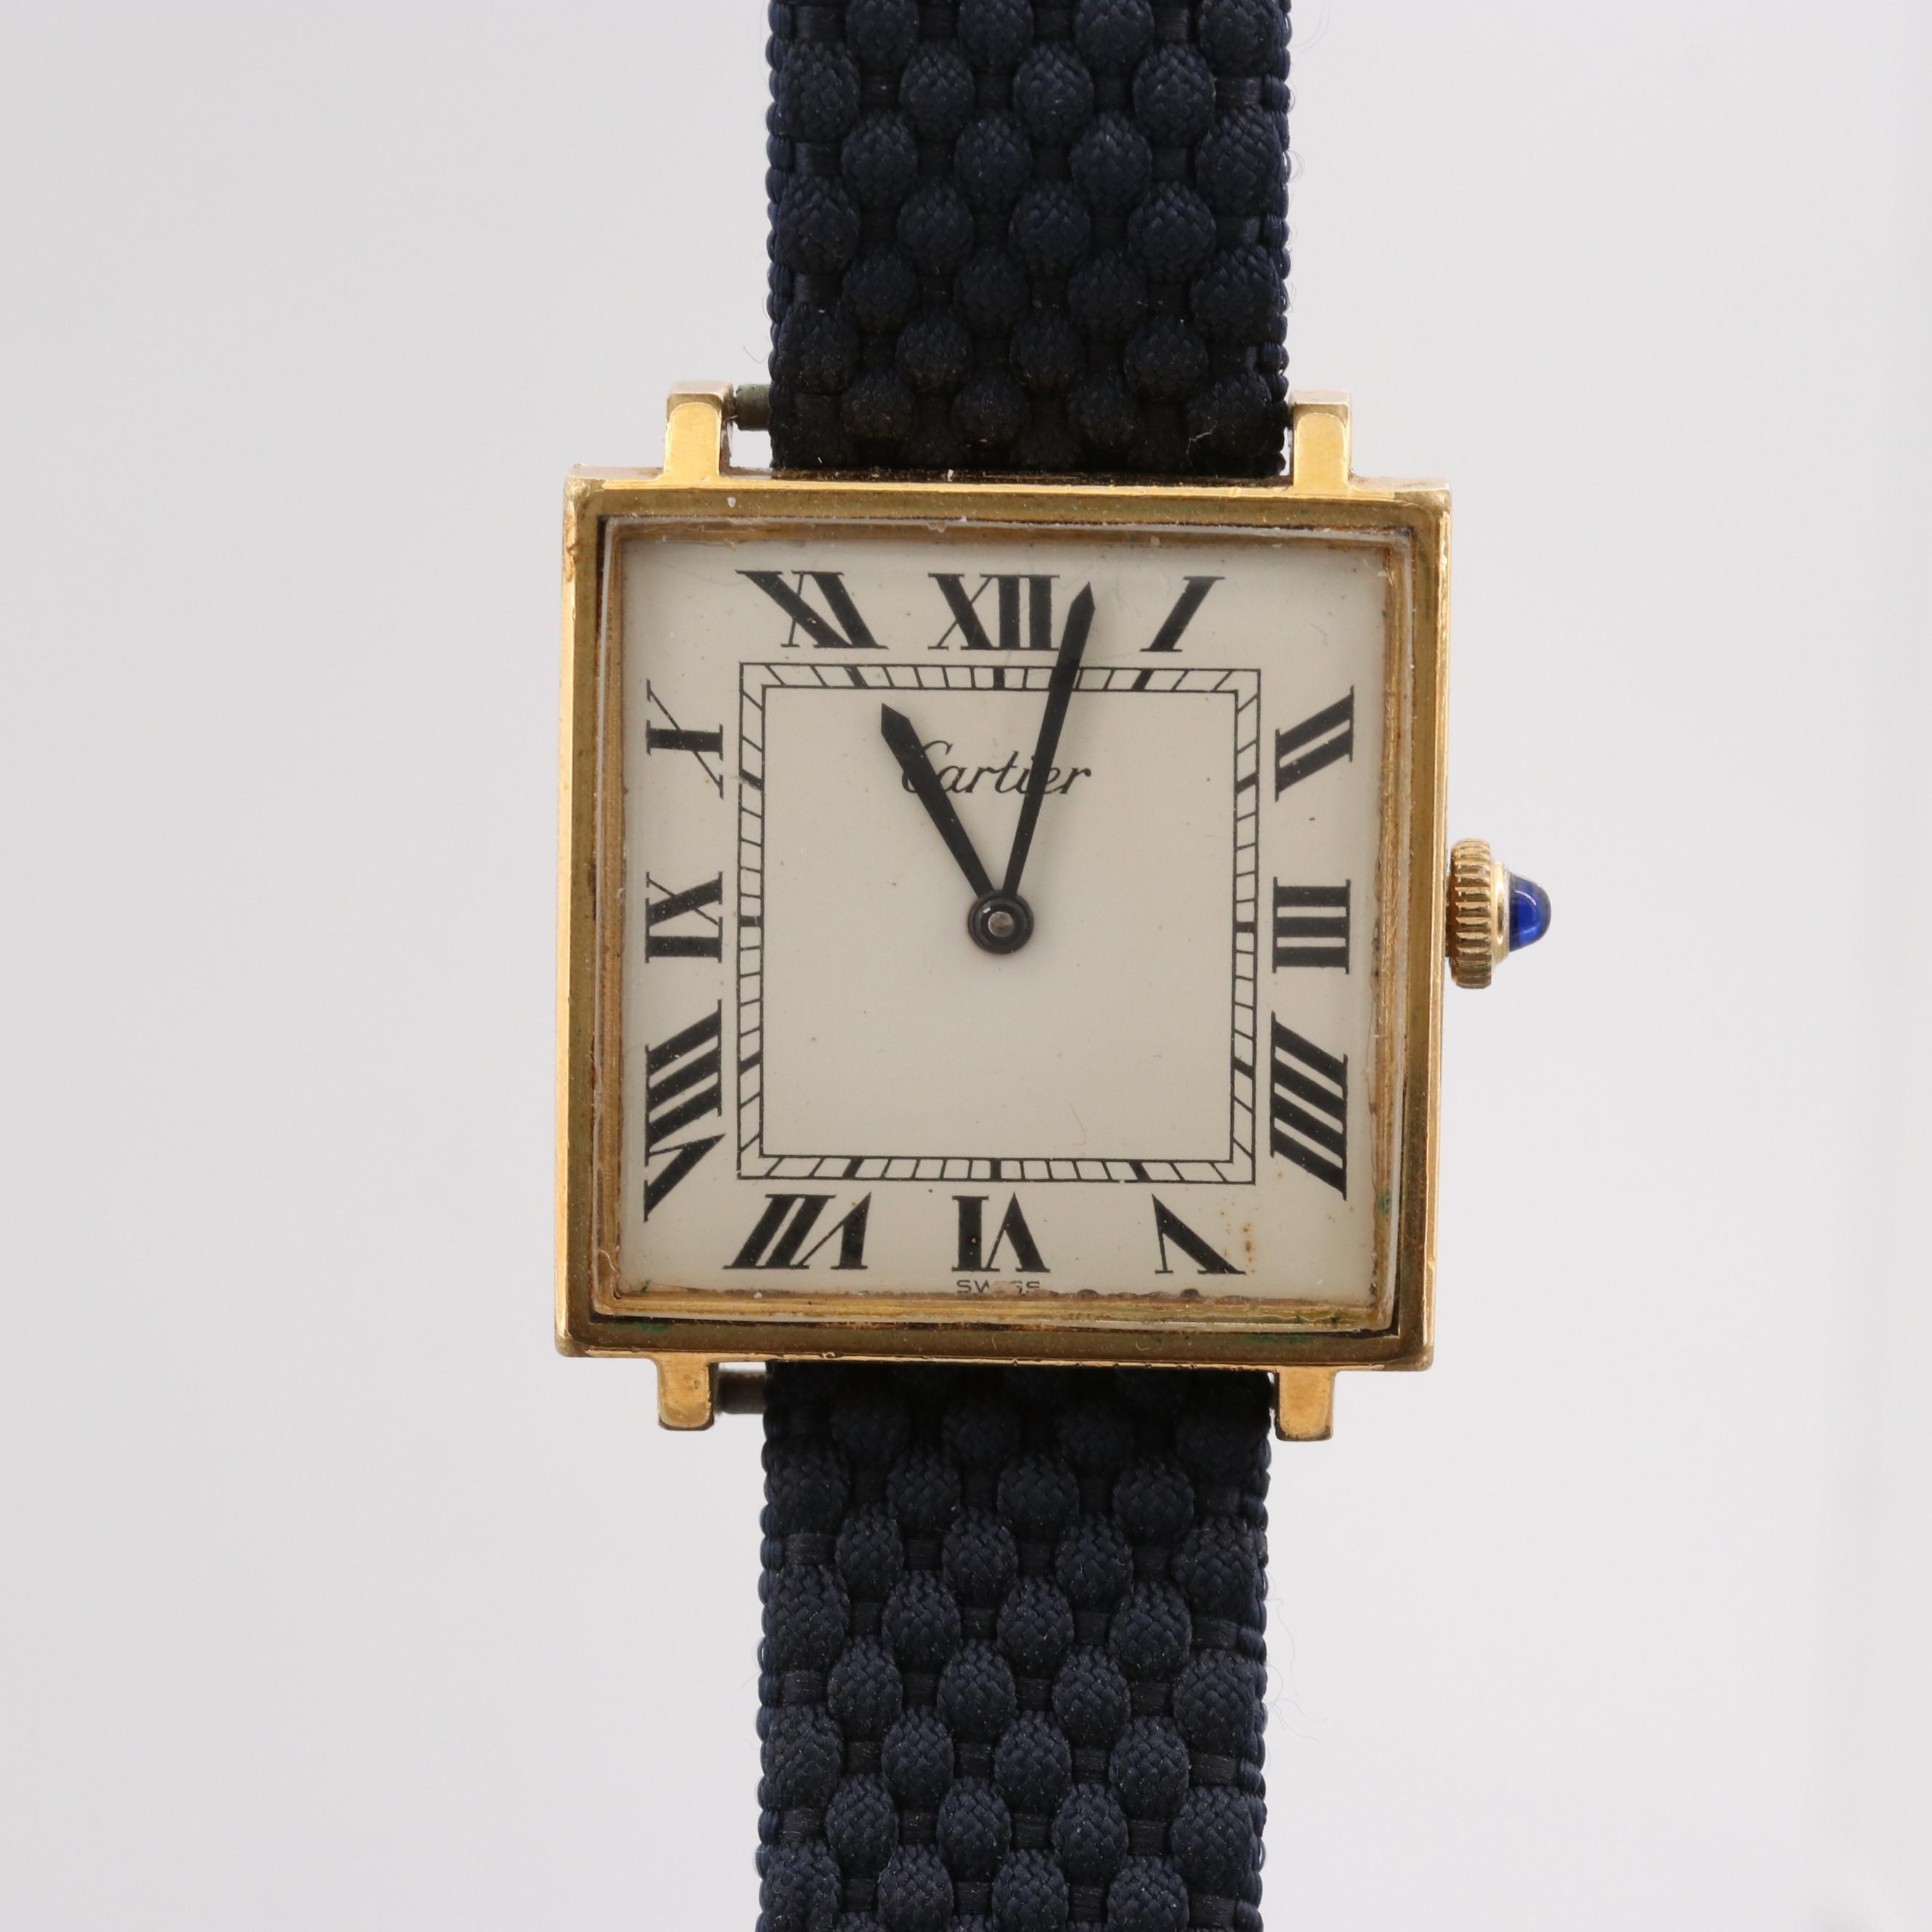 Vintage Cartier Wristwatch With Peseux Movement